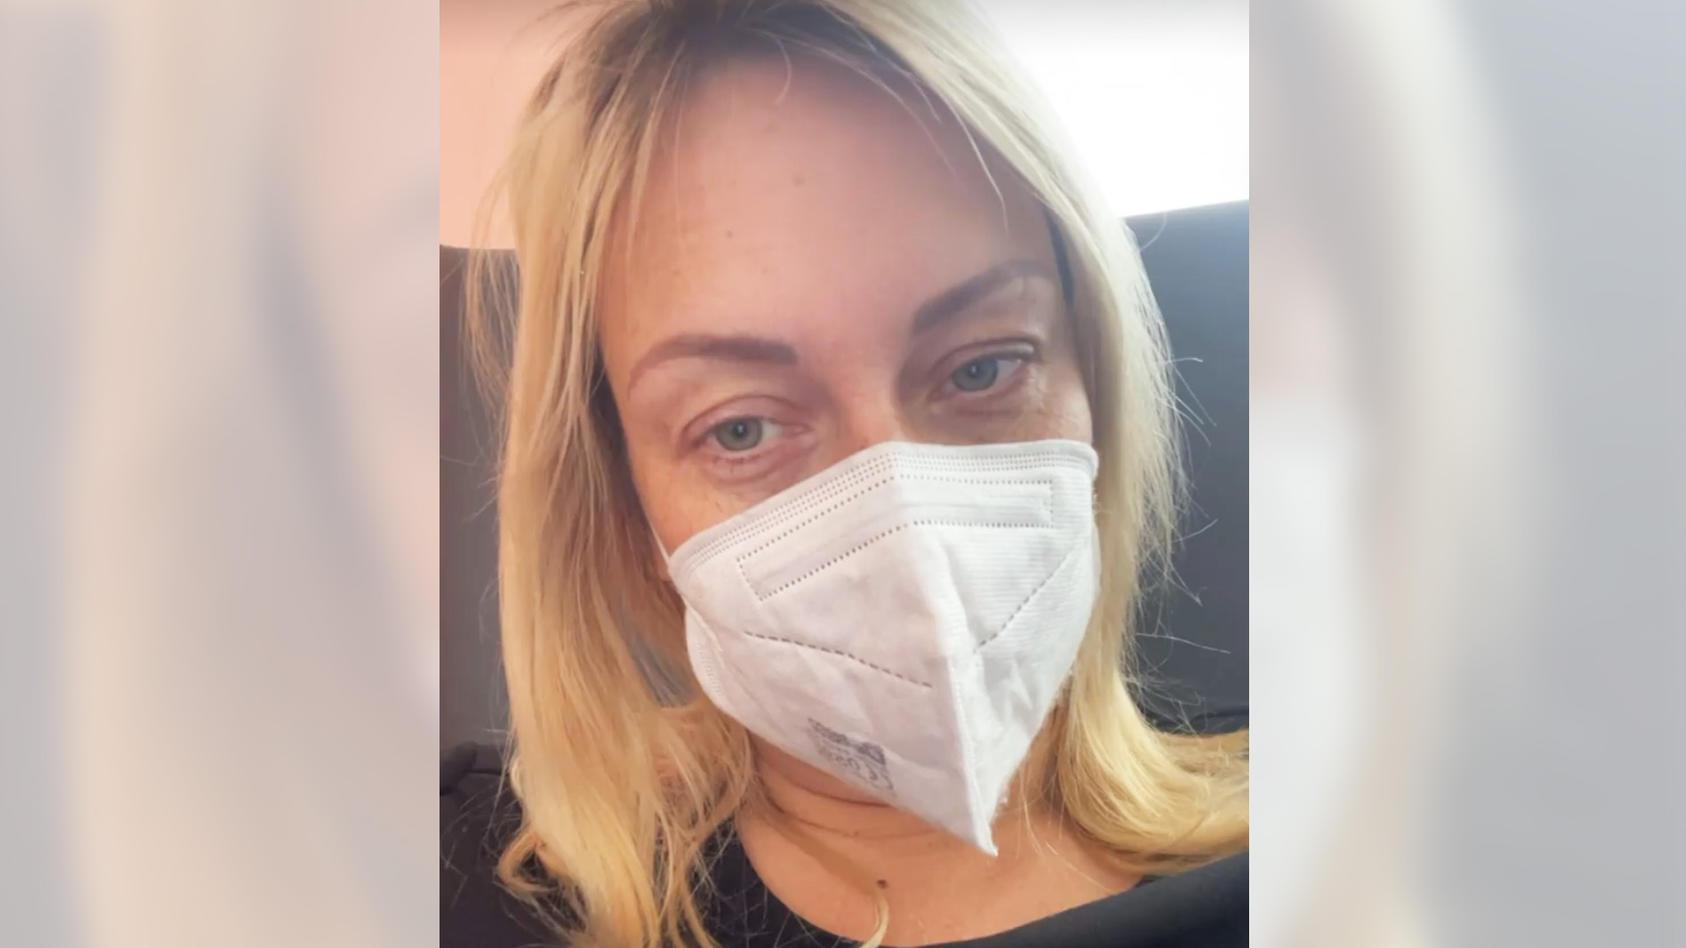 Influencerin Julia Holz hält ihre Follower bezüglich ihrer Krebserkrankung mit regelmäßigen Posts auf dem Laufenden.